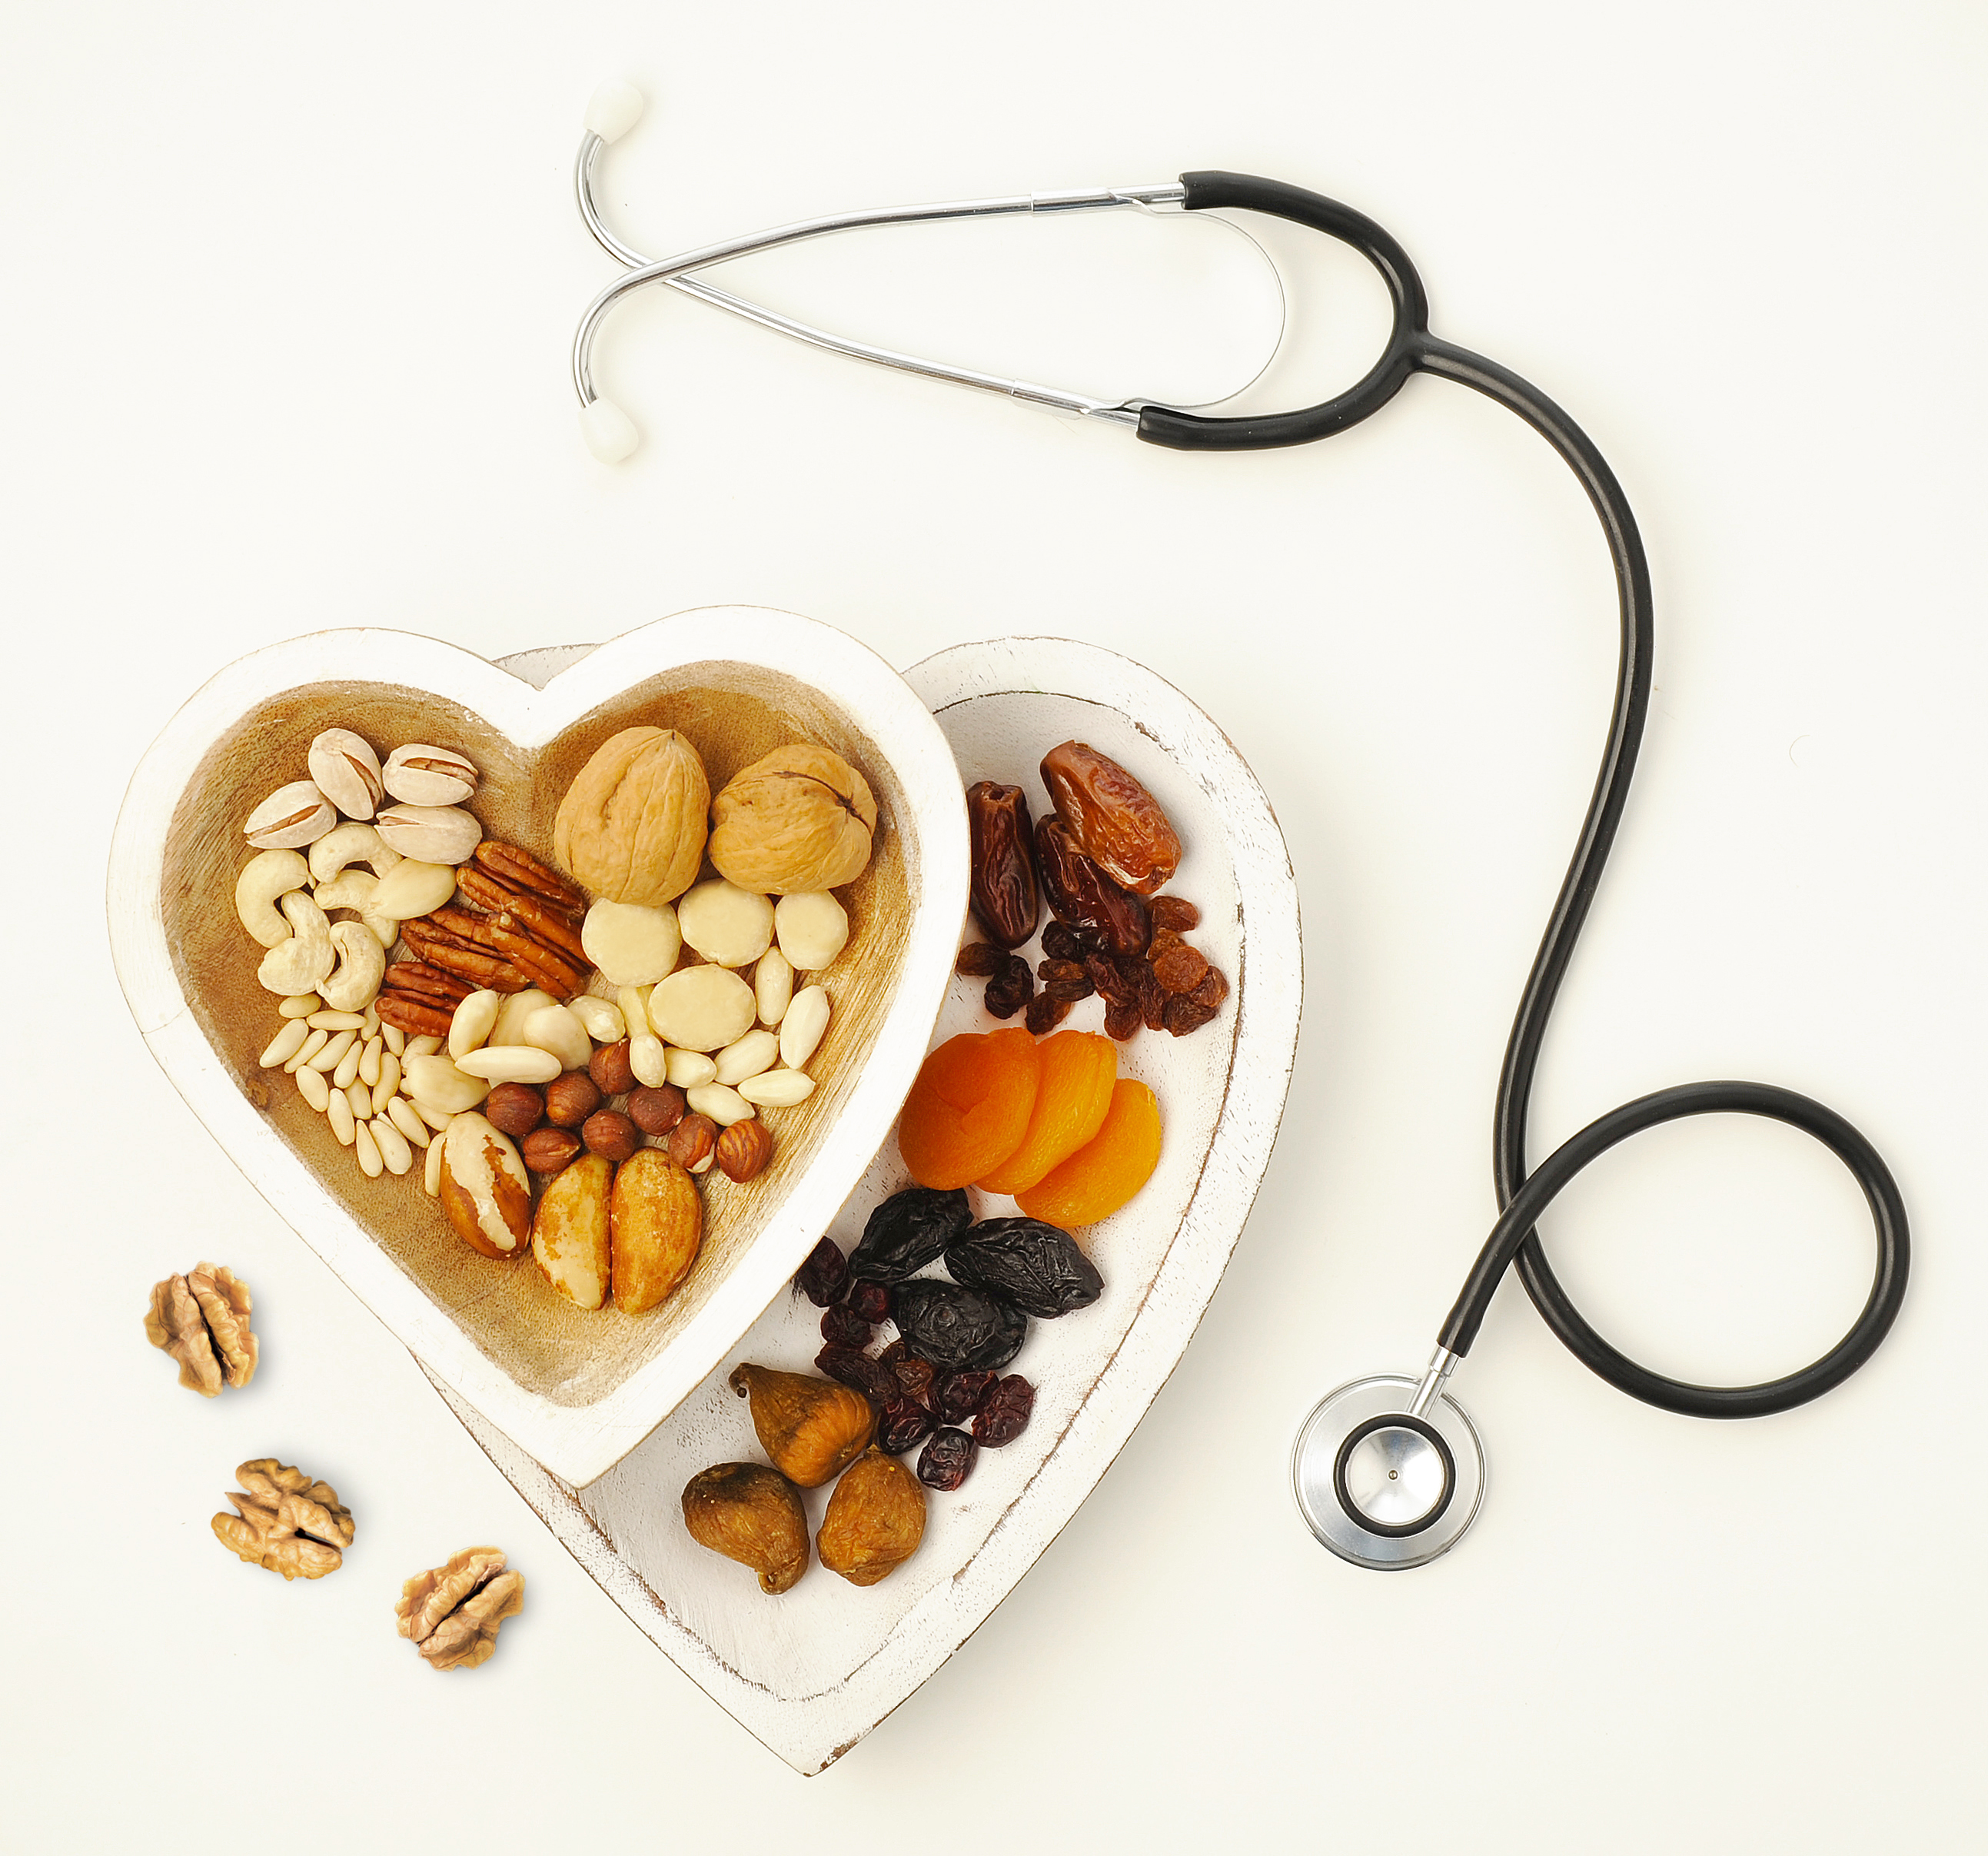 Frutos secos y salud: una perspectiva basada en la ciencia